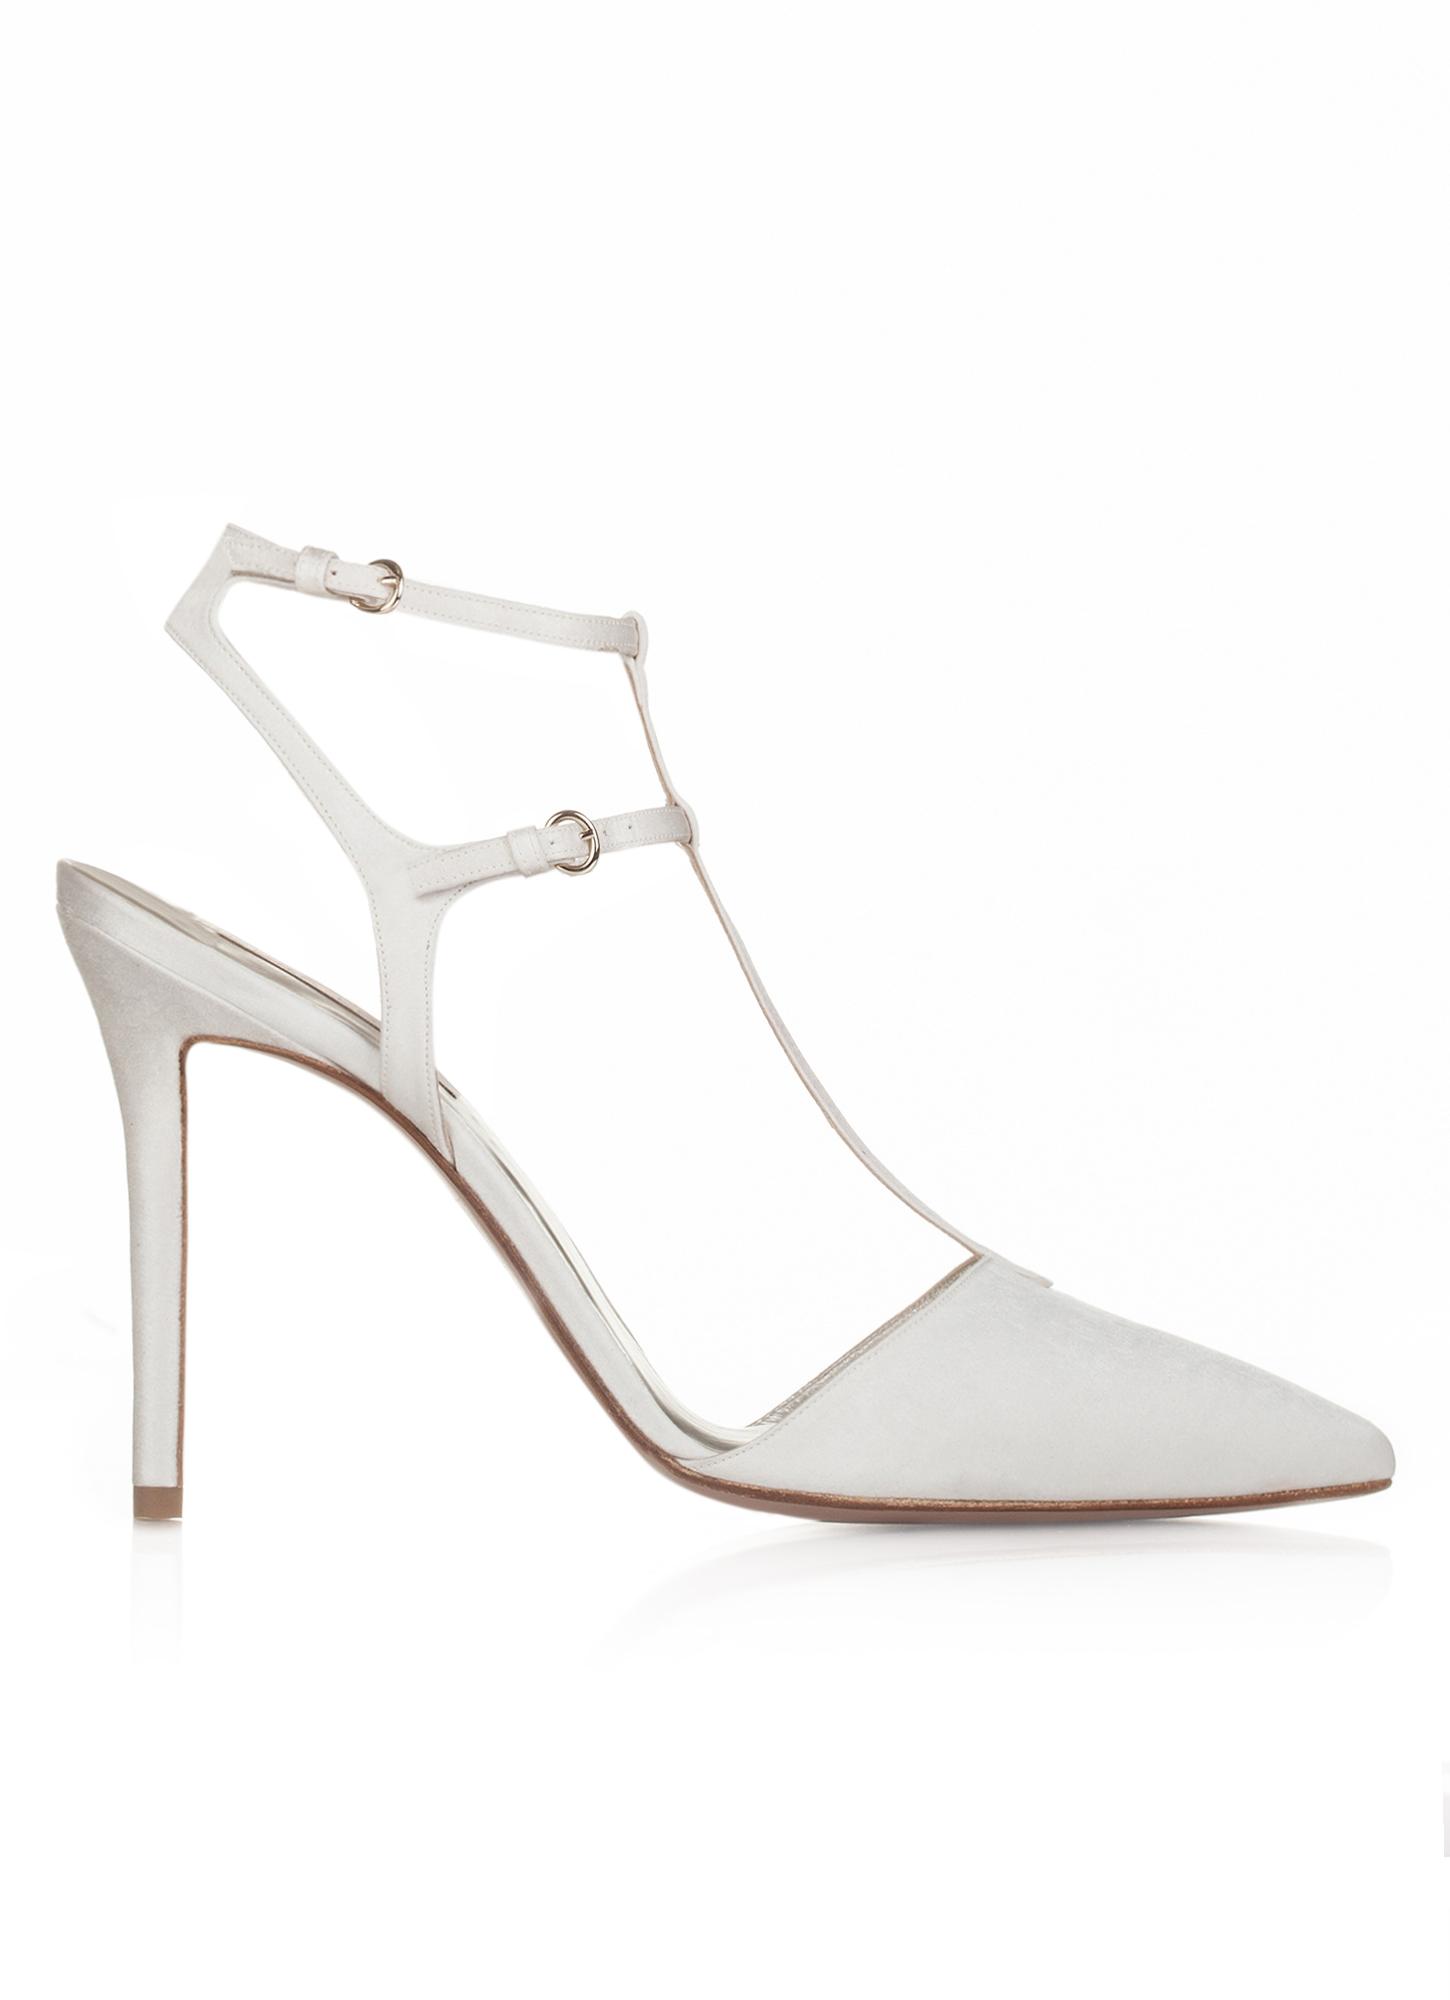 Zapatos Pura López de tacón alto con punta fina en raso blanco roto ... 1049bb28bb5